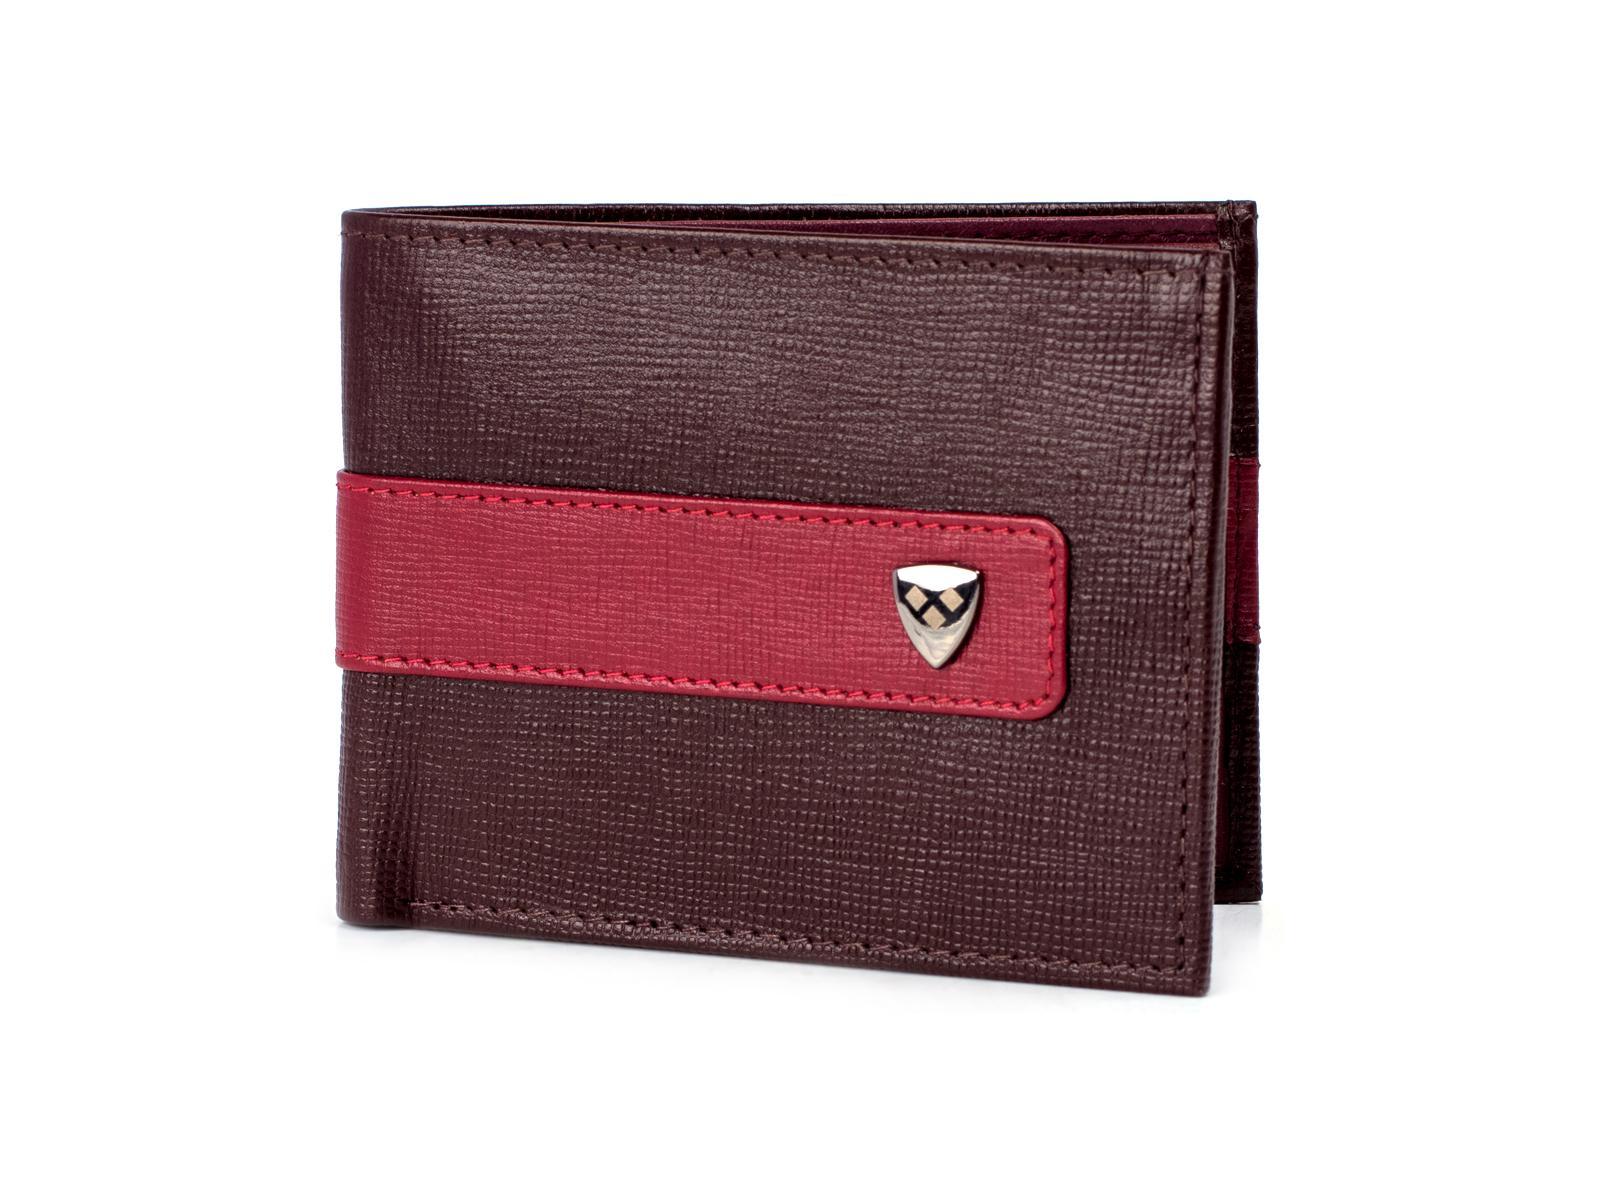 VH MW.1981-CHERY.SAFIANO1 Wallet